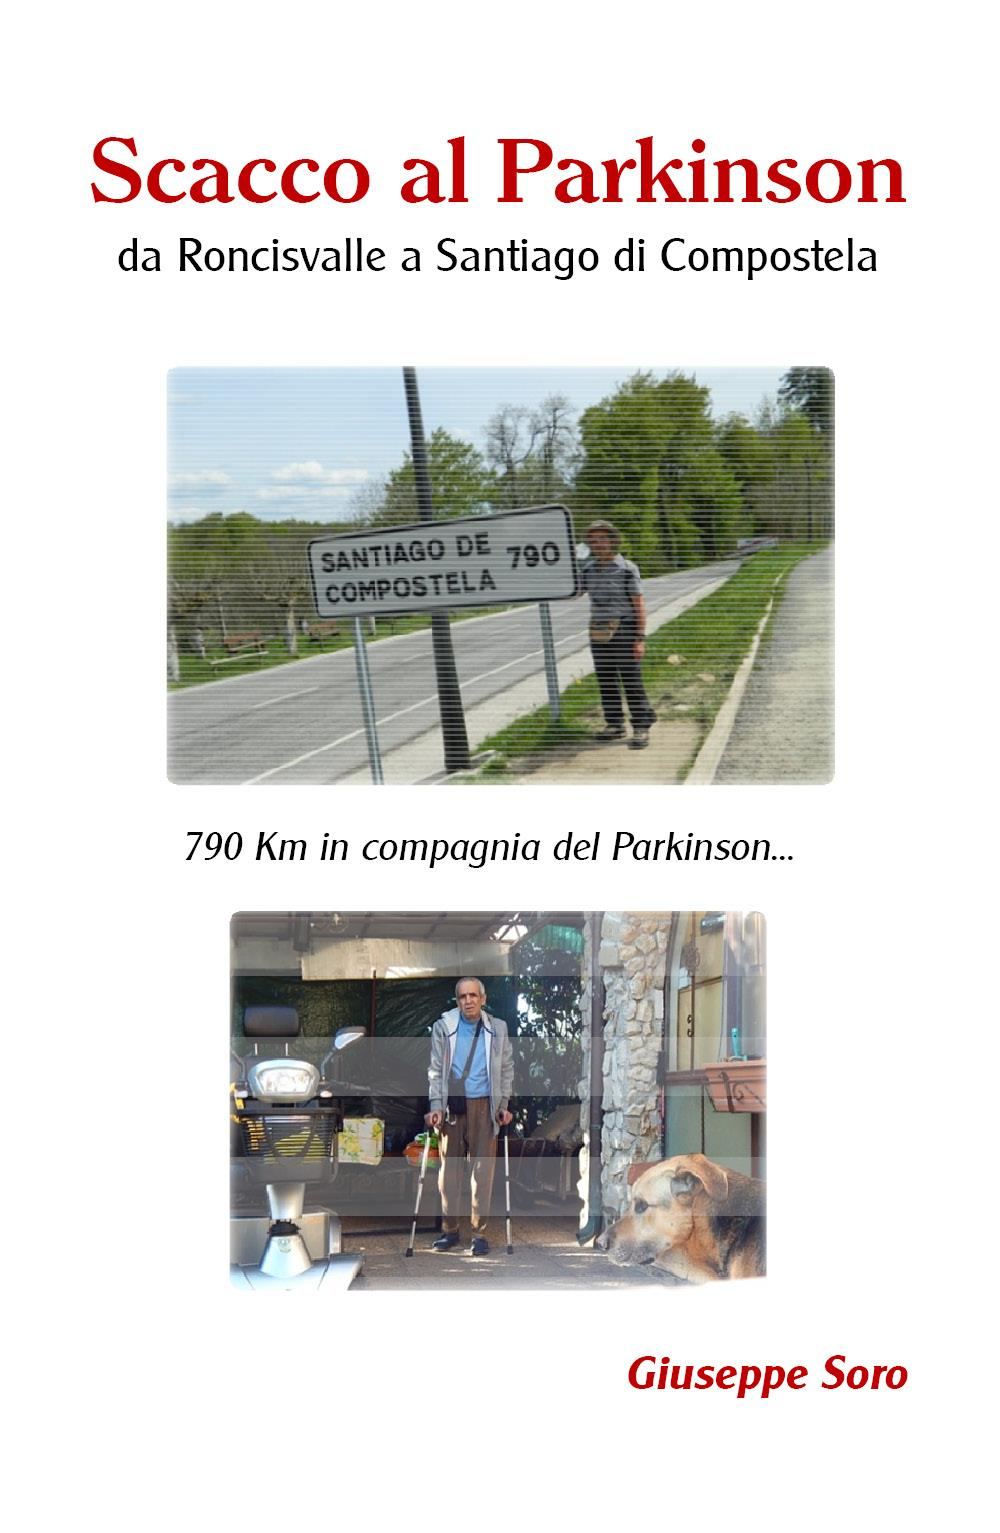 Scacco al Parkinson - da Roncisvalle a Santiago di Compostela